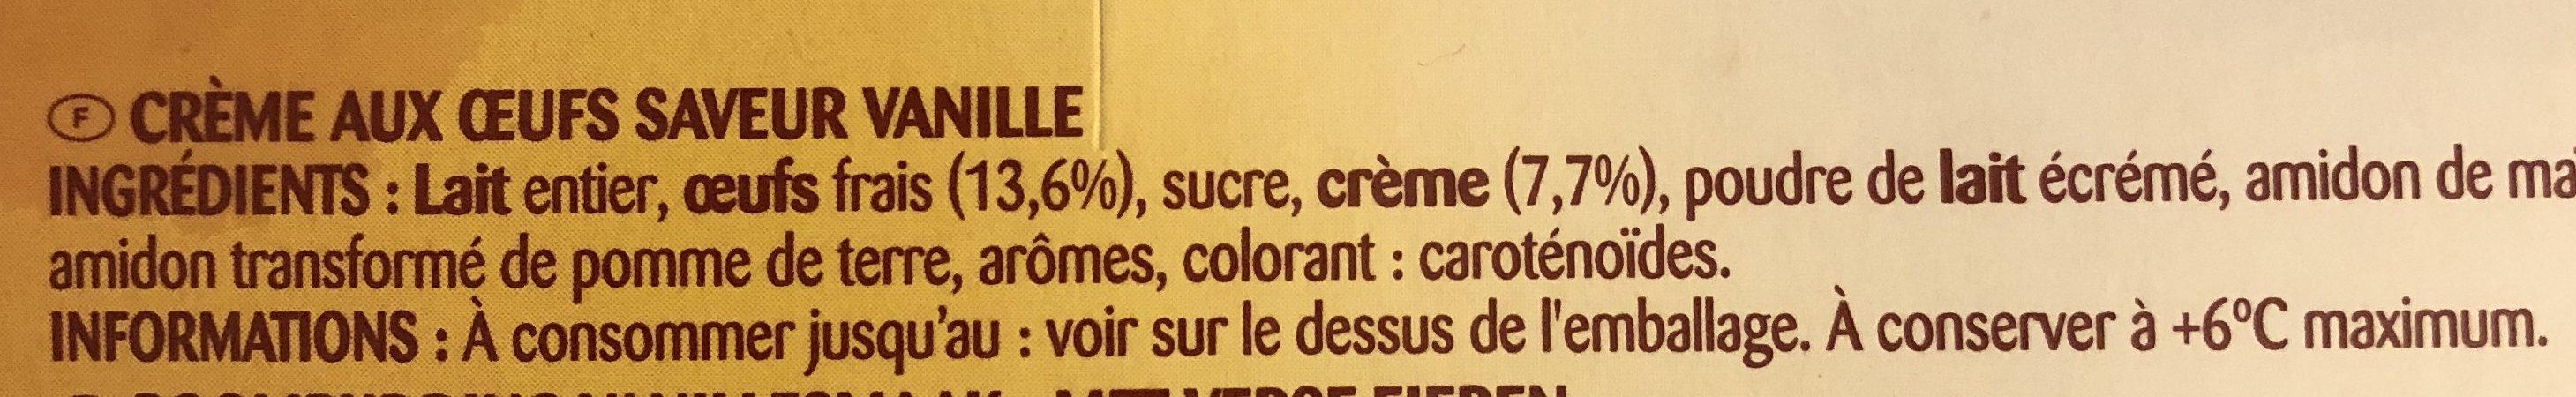 Crèmes Aux Oeufs Saveur Vanille, 4 X 125 Grammes - Ingrédients - fr